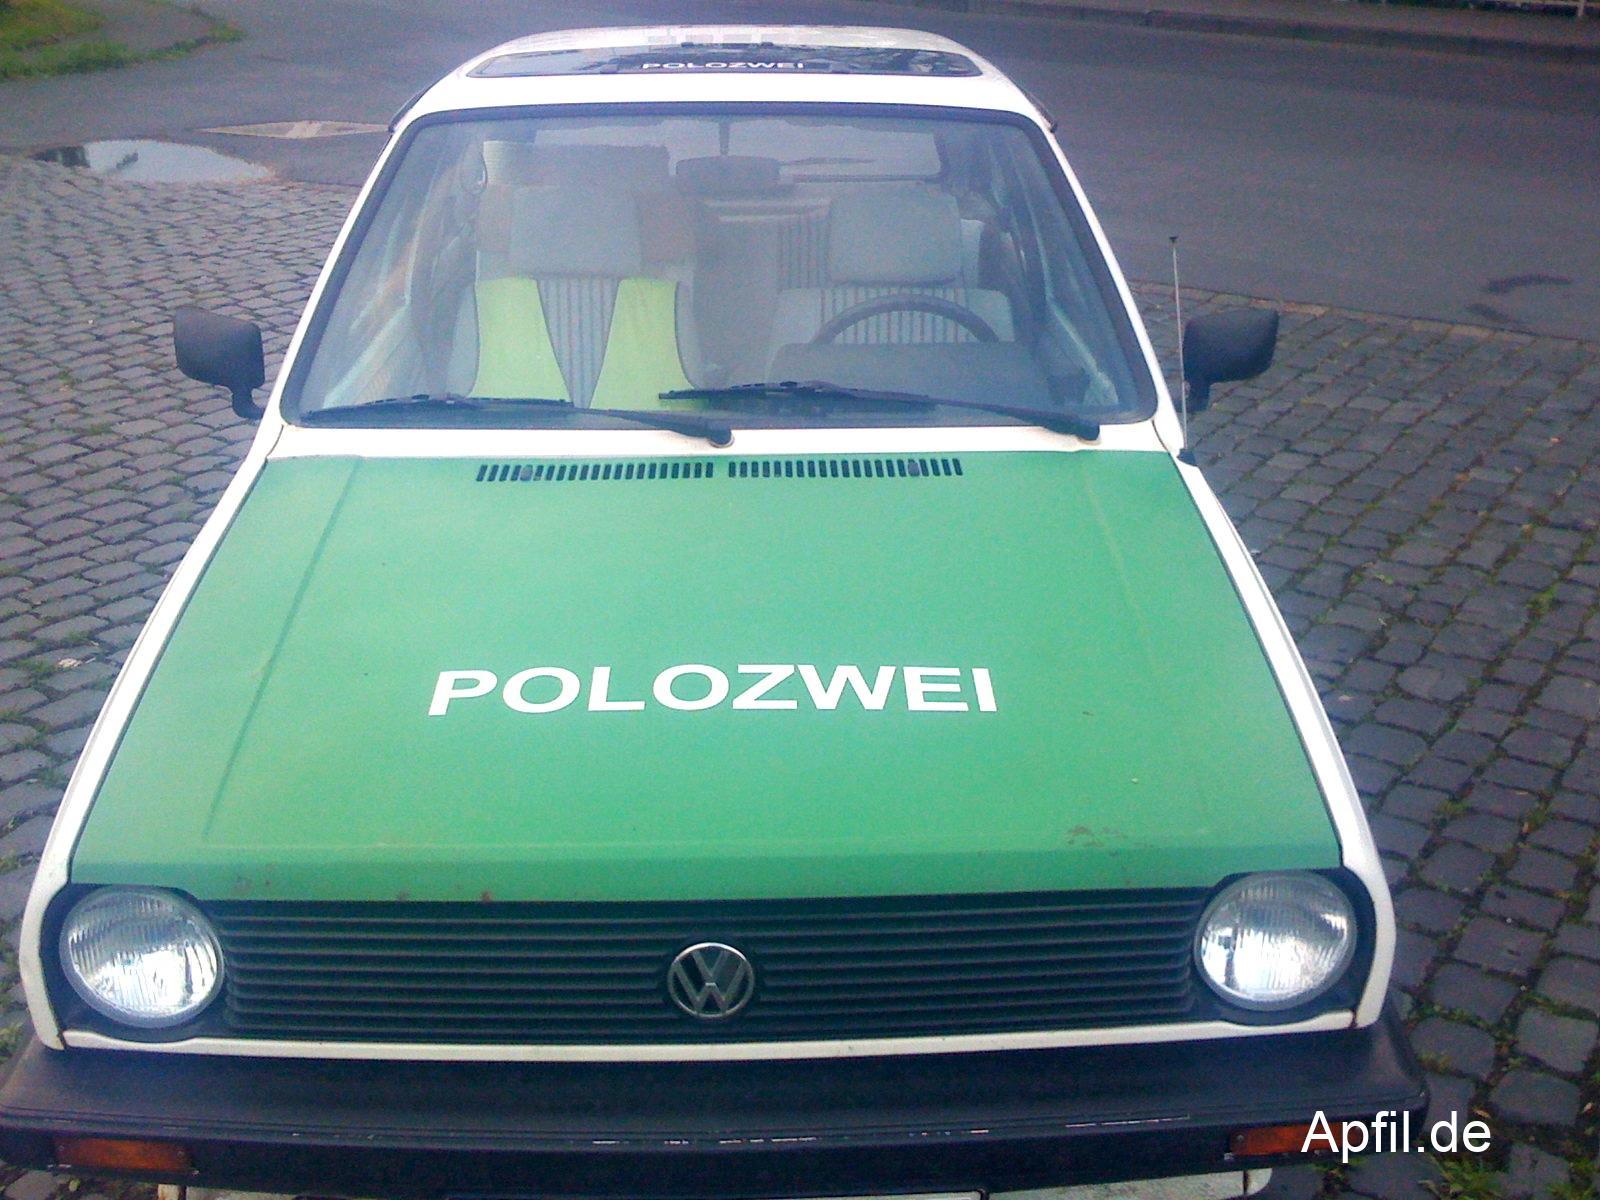 VW Polozwei (Volkswagen Polo)